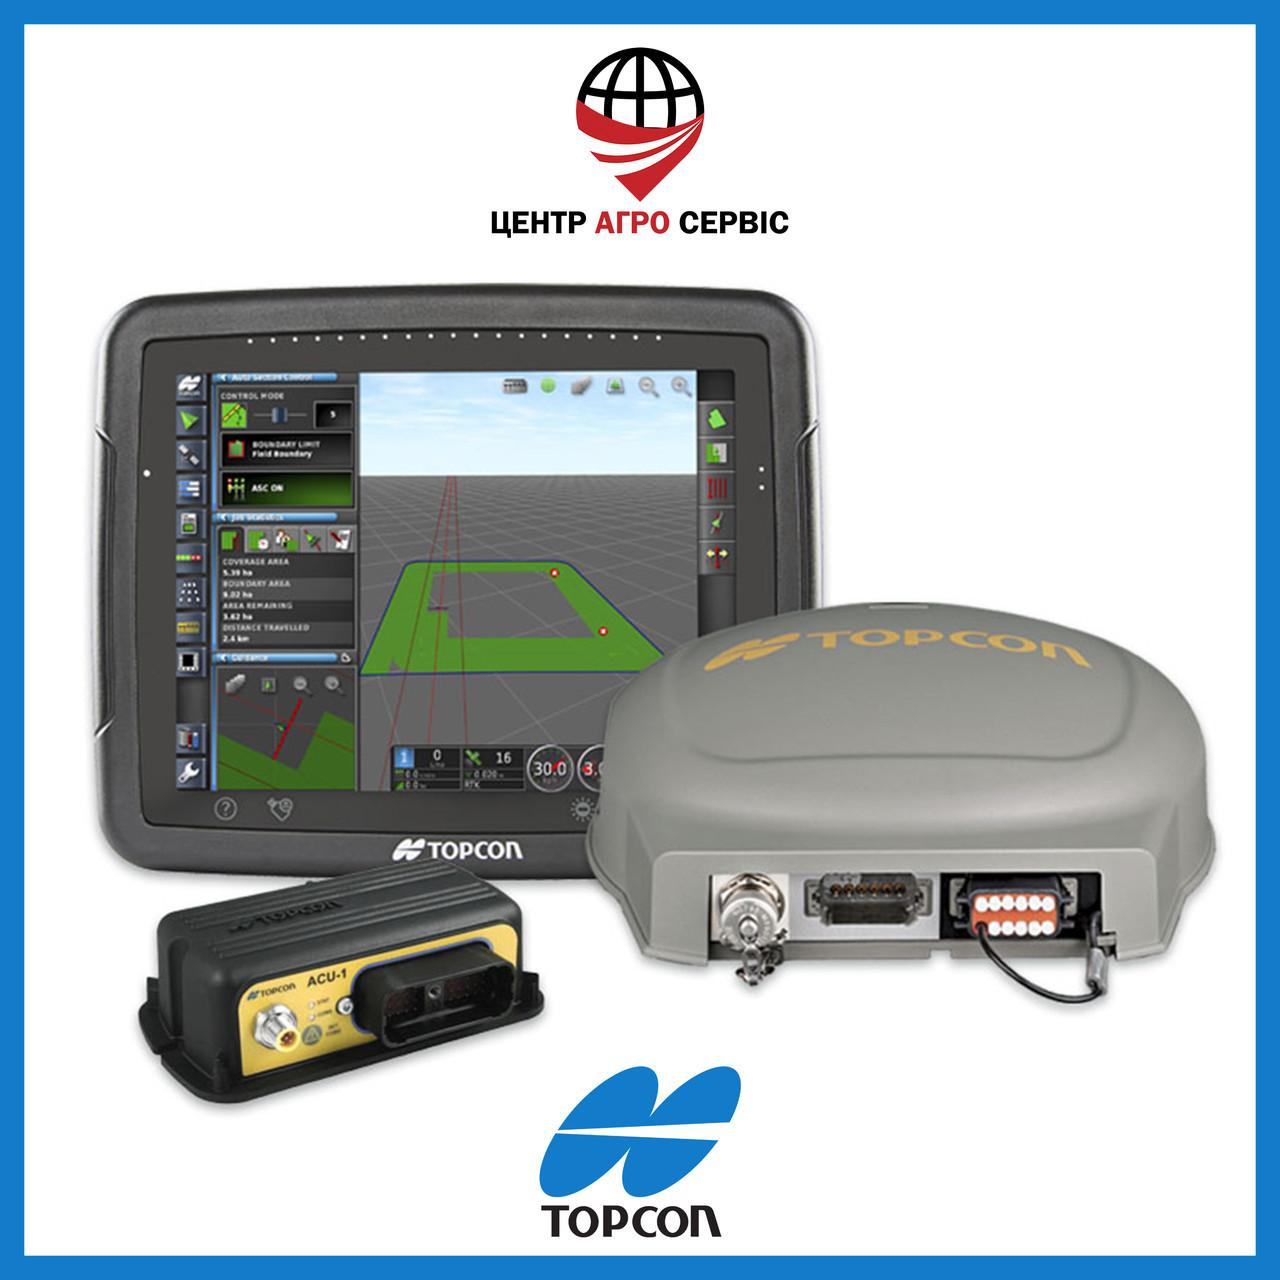 Автопилот TOPCON System X30 AGSR (гидравлическое автоматическое вождение для трактора, опрыскивателя,комбайна)